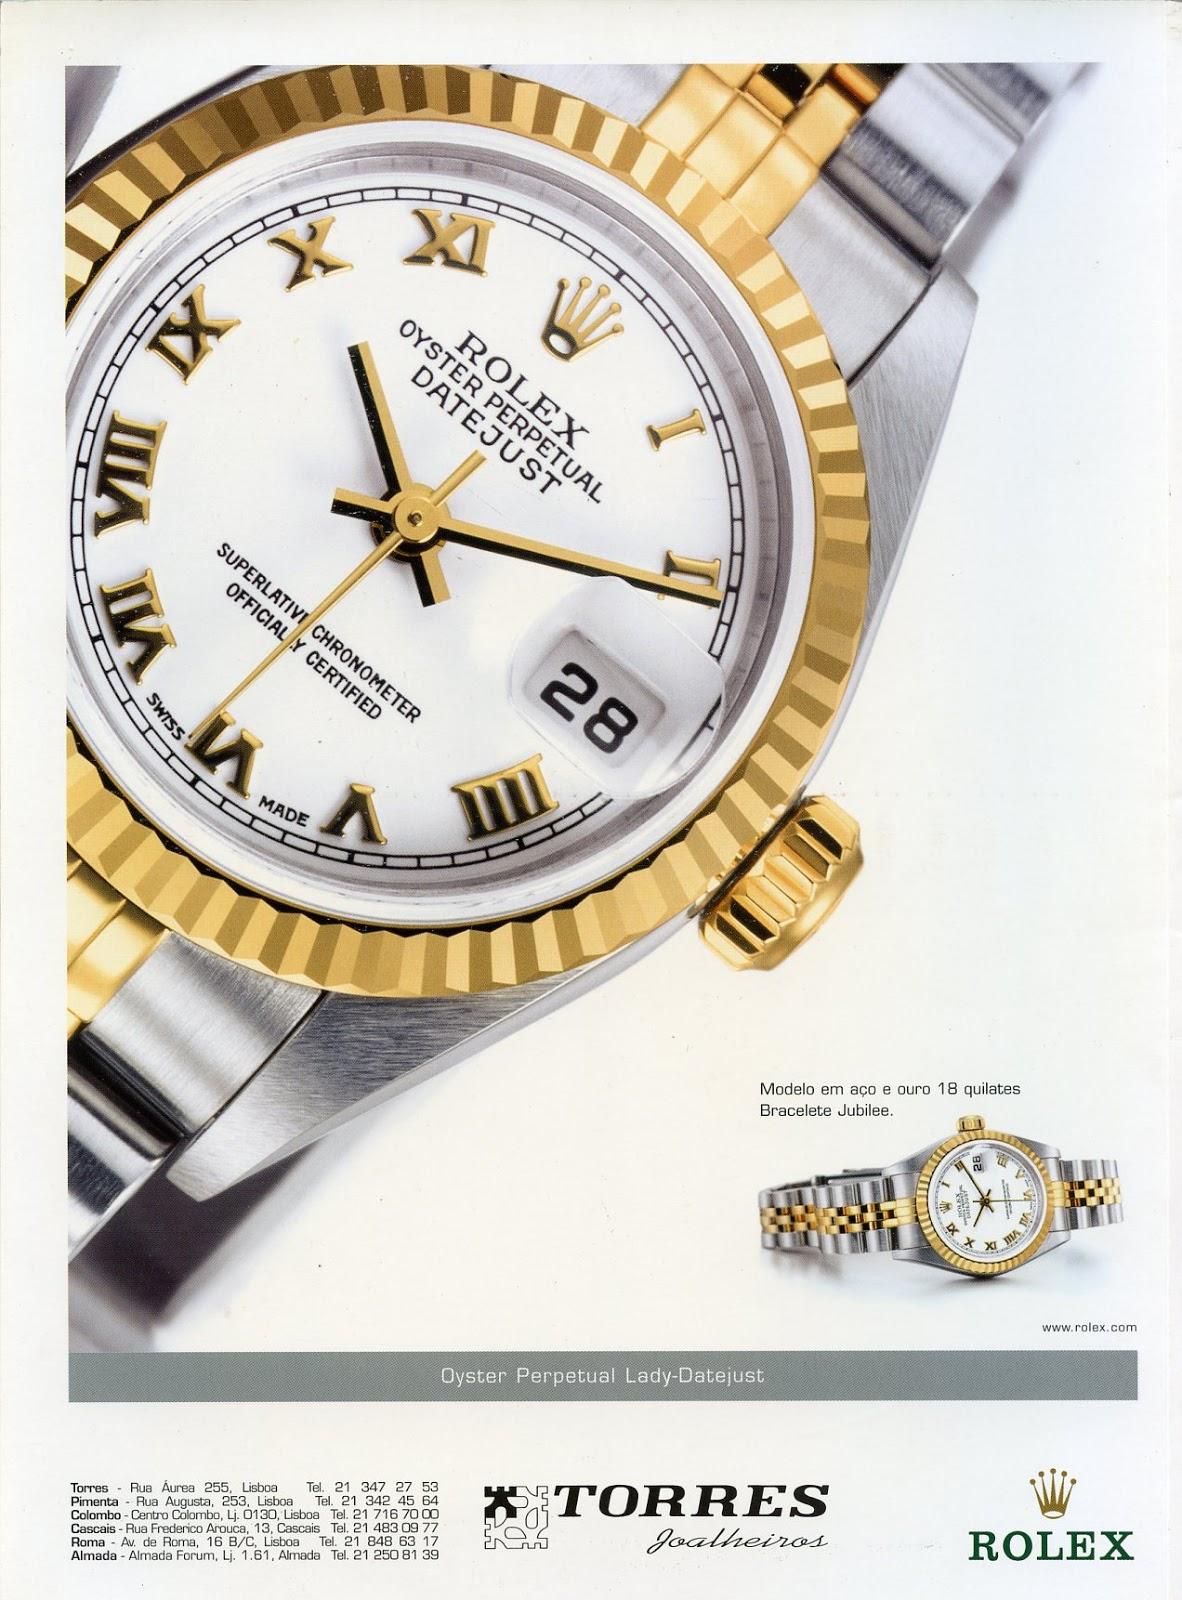 b782933e75a Relógios Rolex   Torres Joalheiros. (arquivo Fernando Correia de Oliveira)